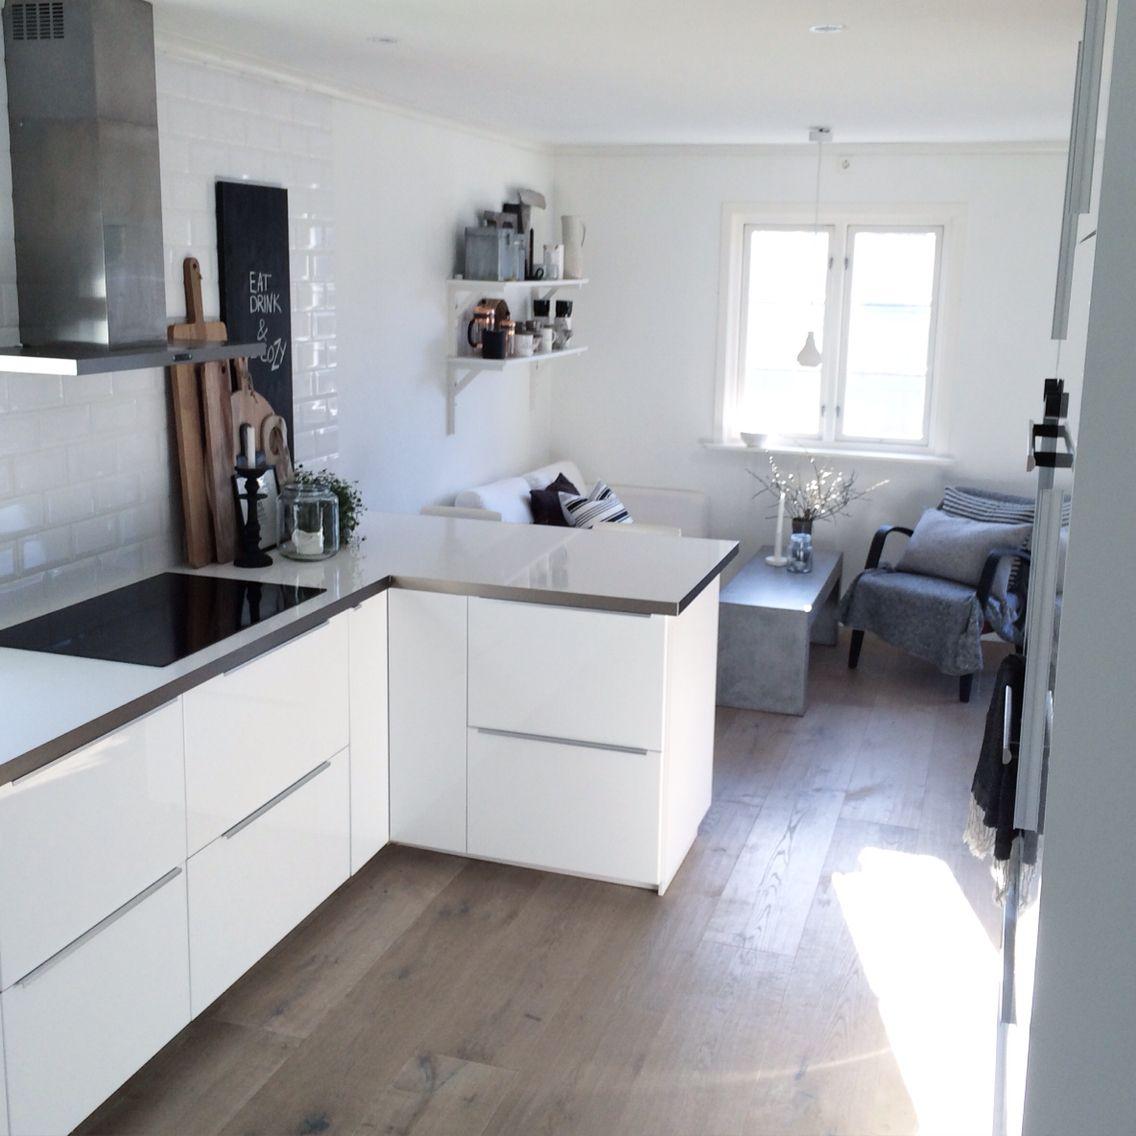 My kitchen | ○ k i t c h e n | Pinterest | weiße Küchen, Holzboden ...